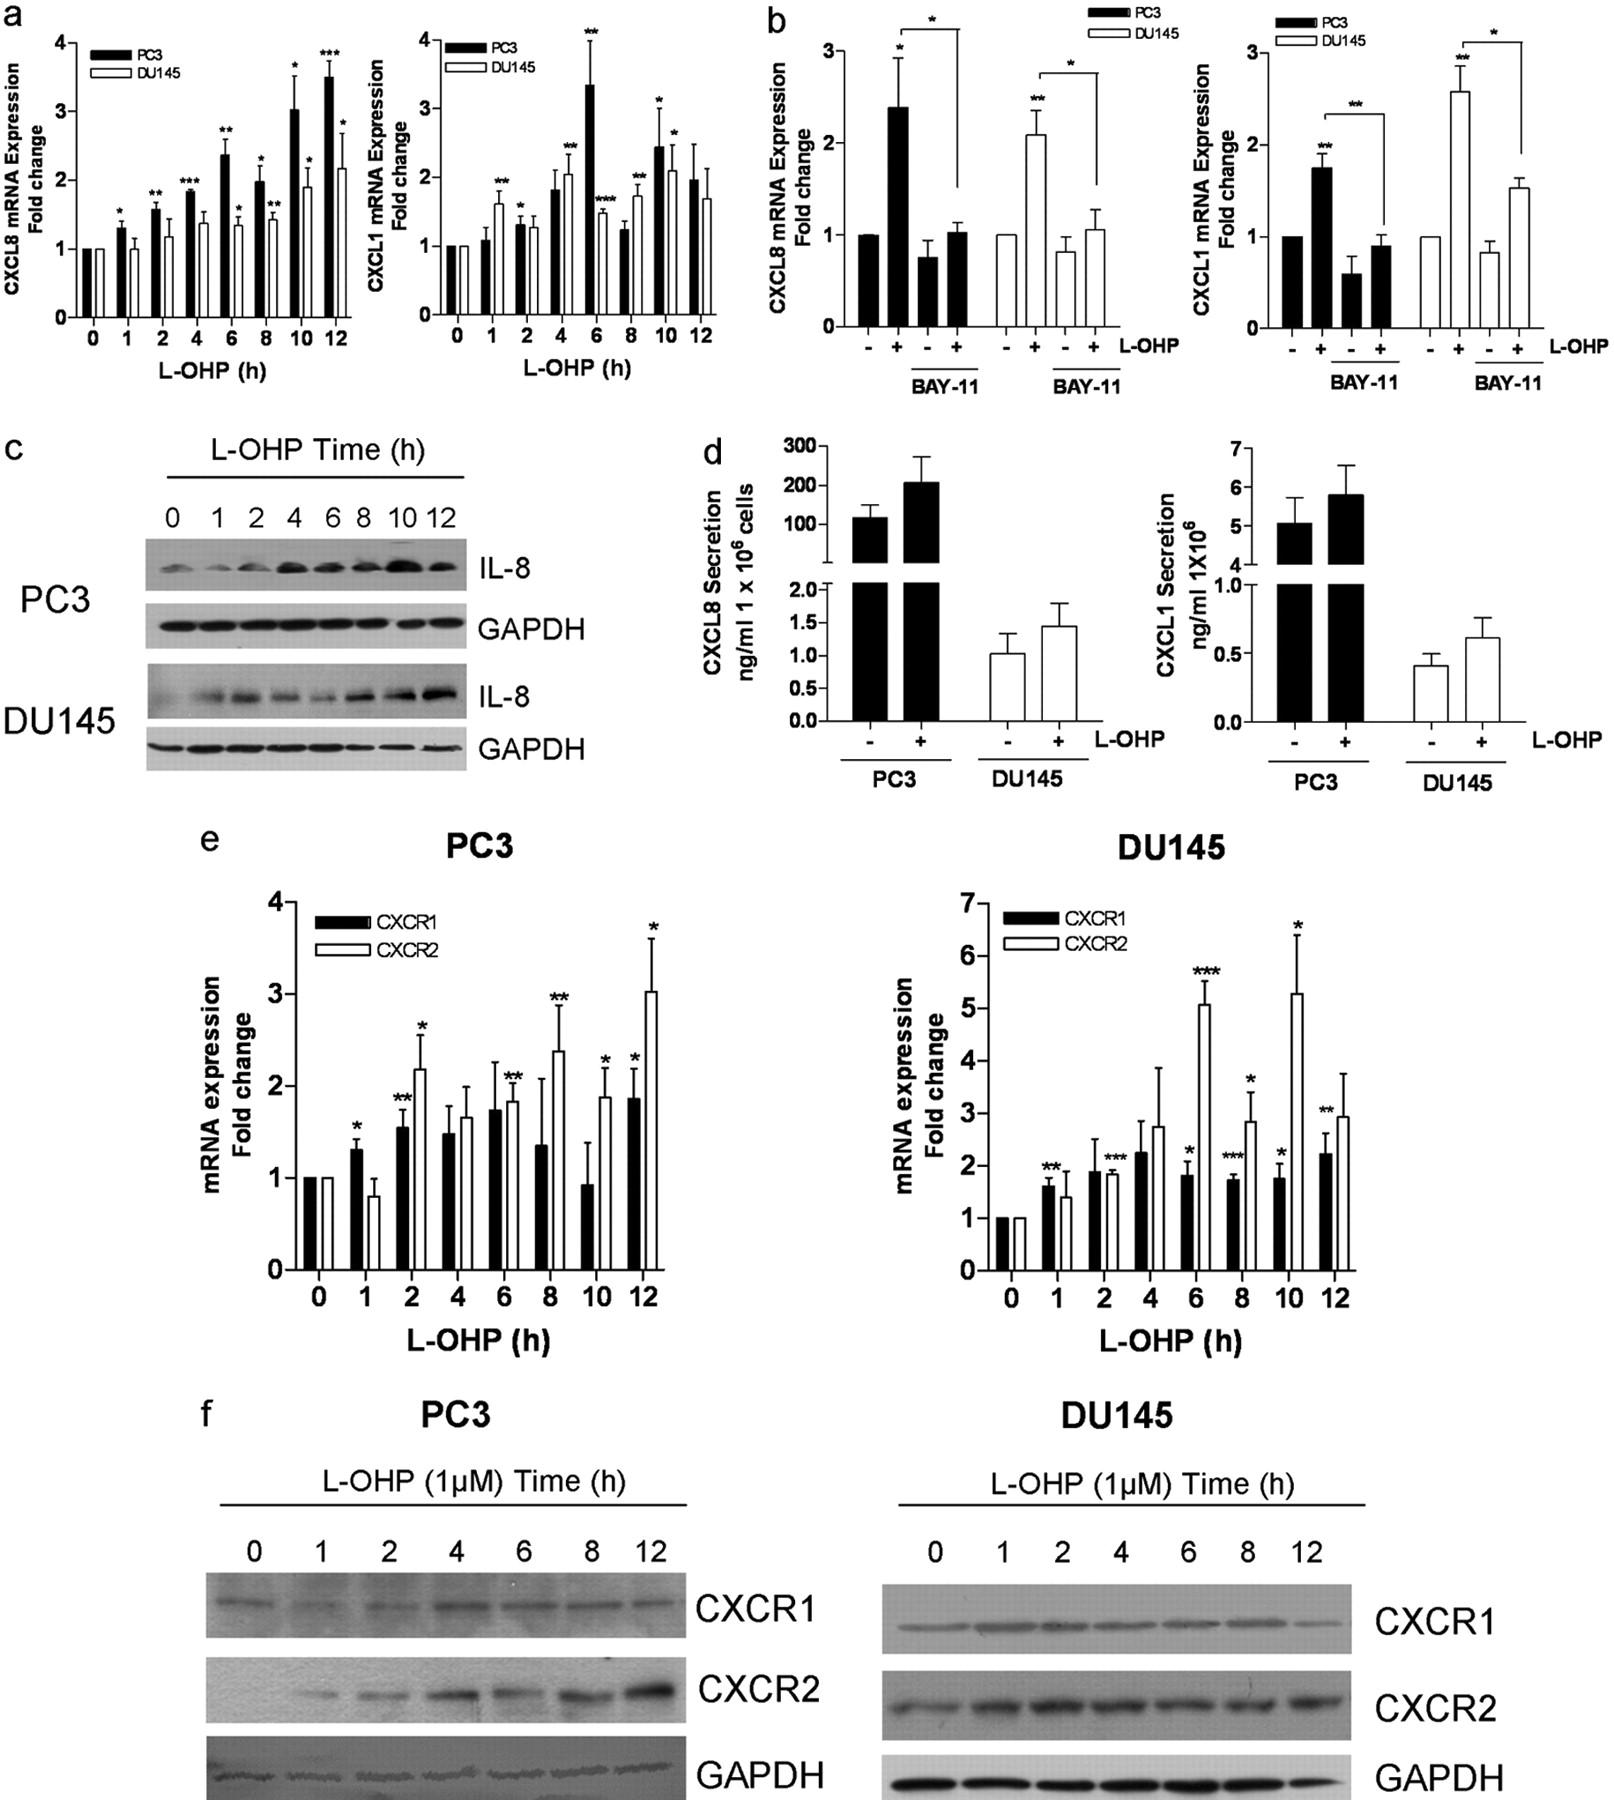 Chemotherapy-Induced CXC-Chemokine/CXC-Chemokine Receptor